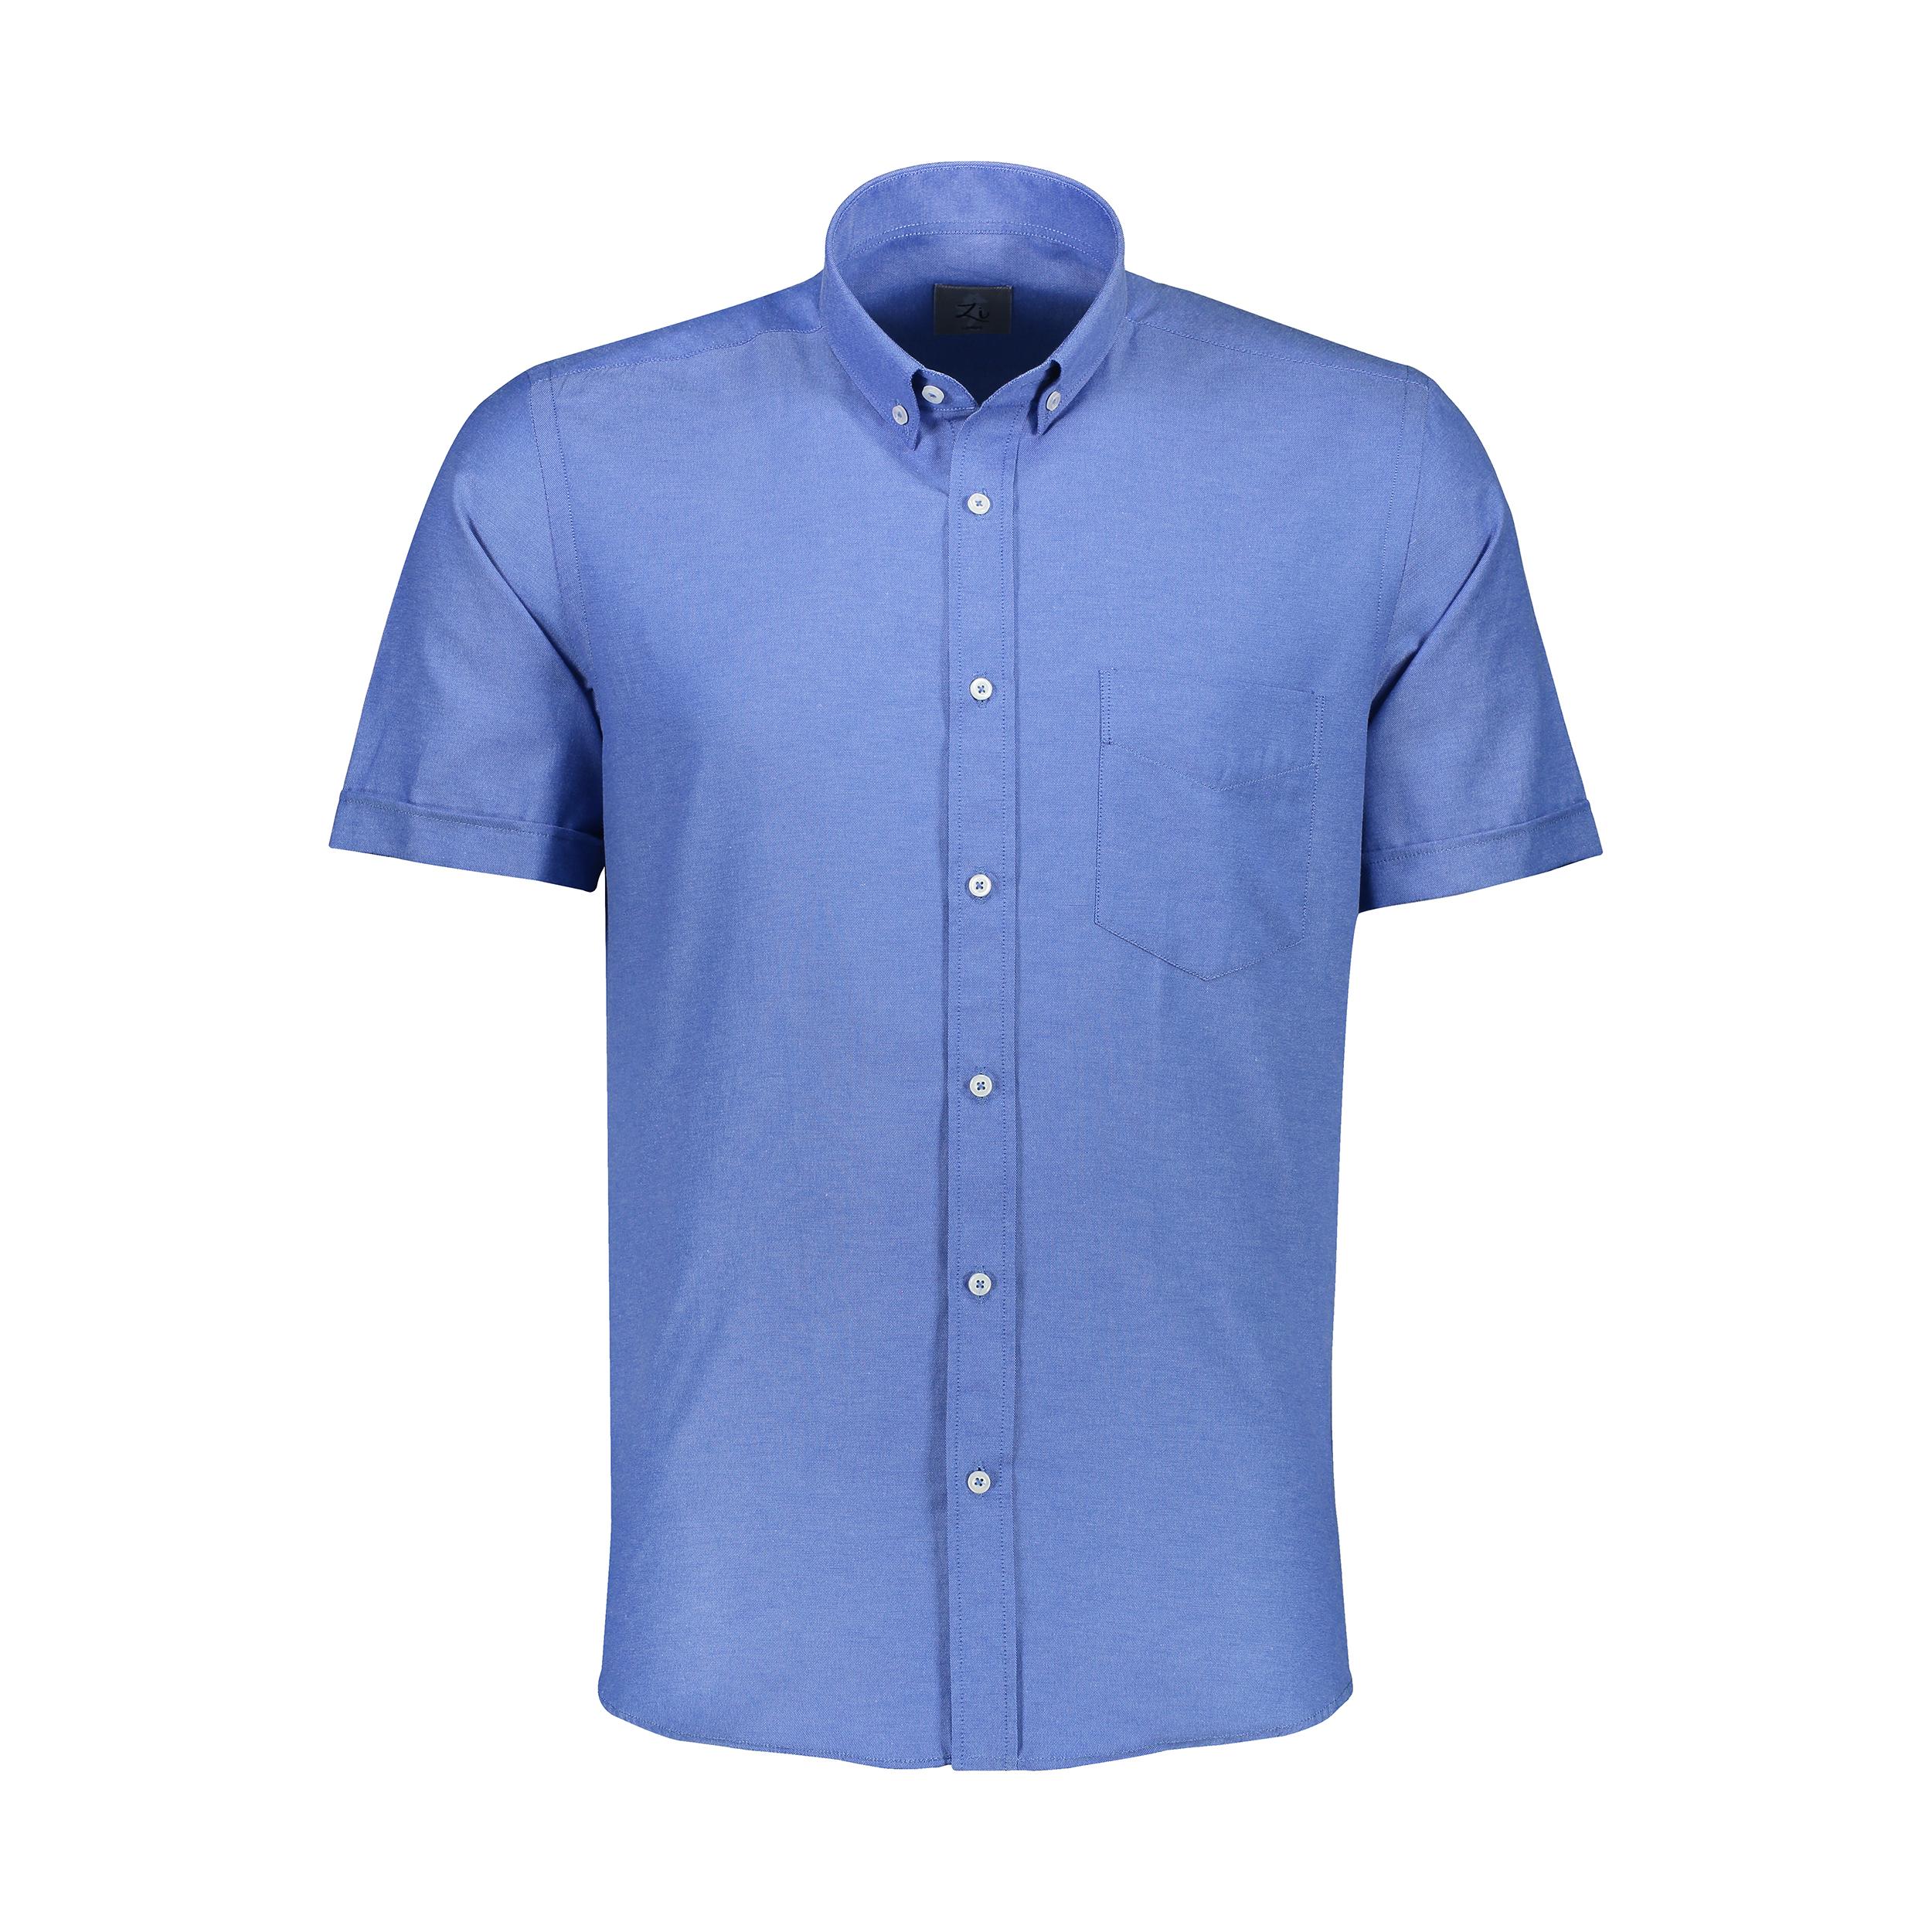 پیراهن مردانه زی مدل 153119758